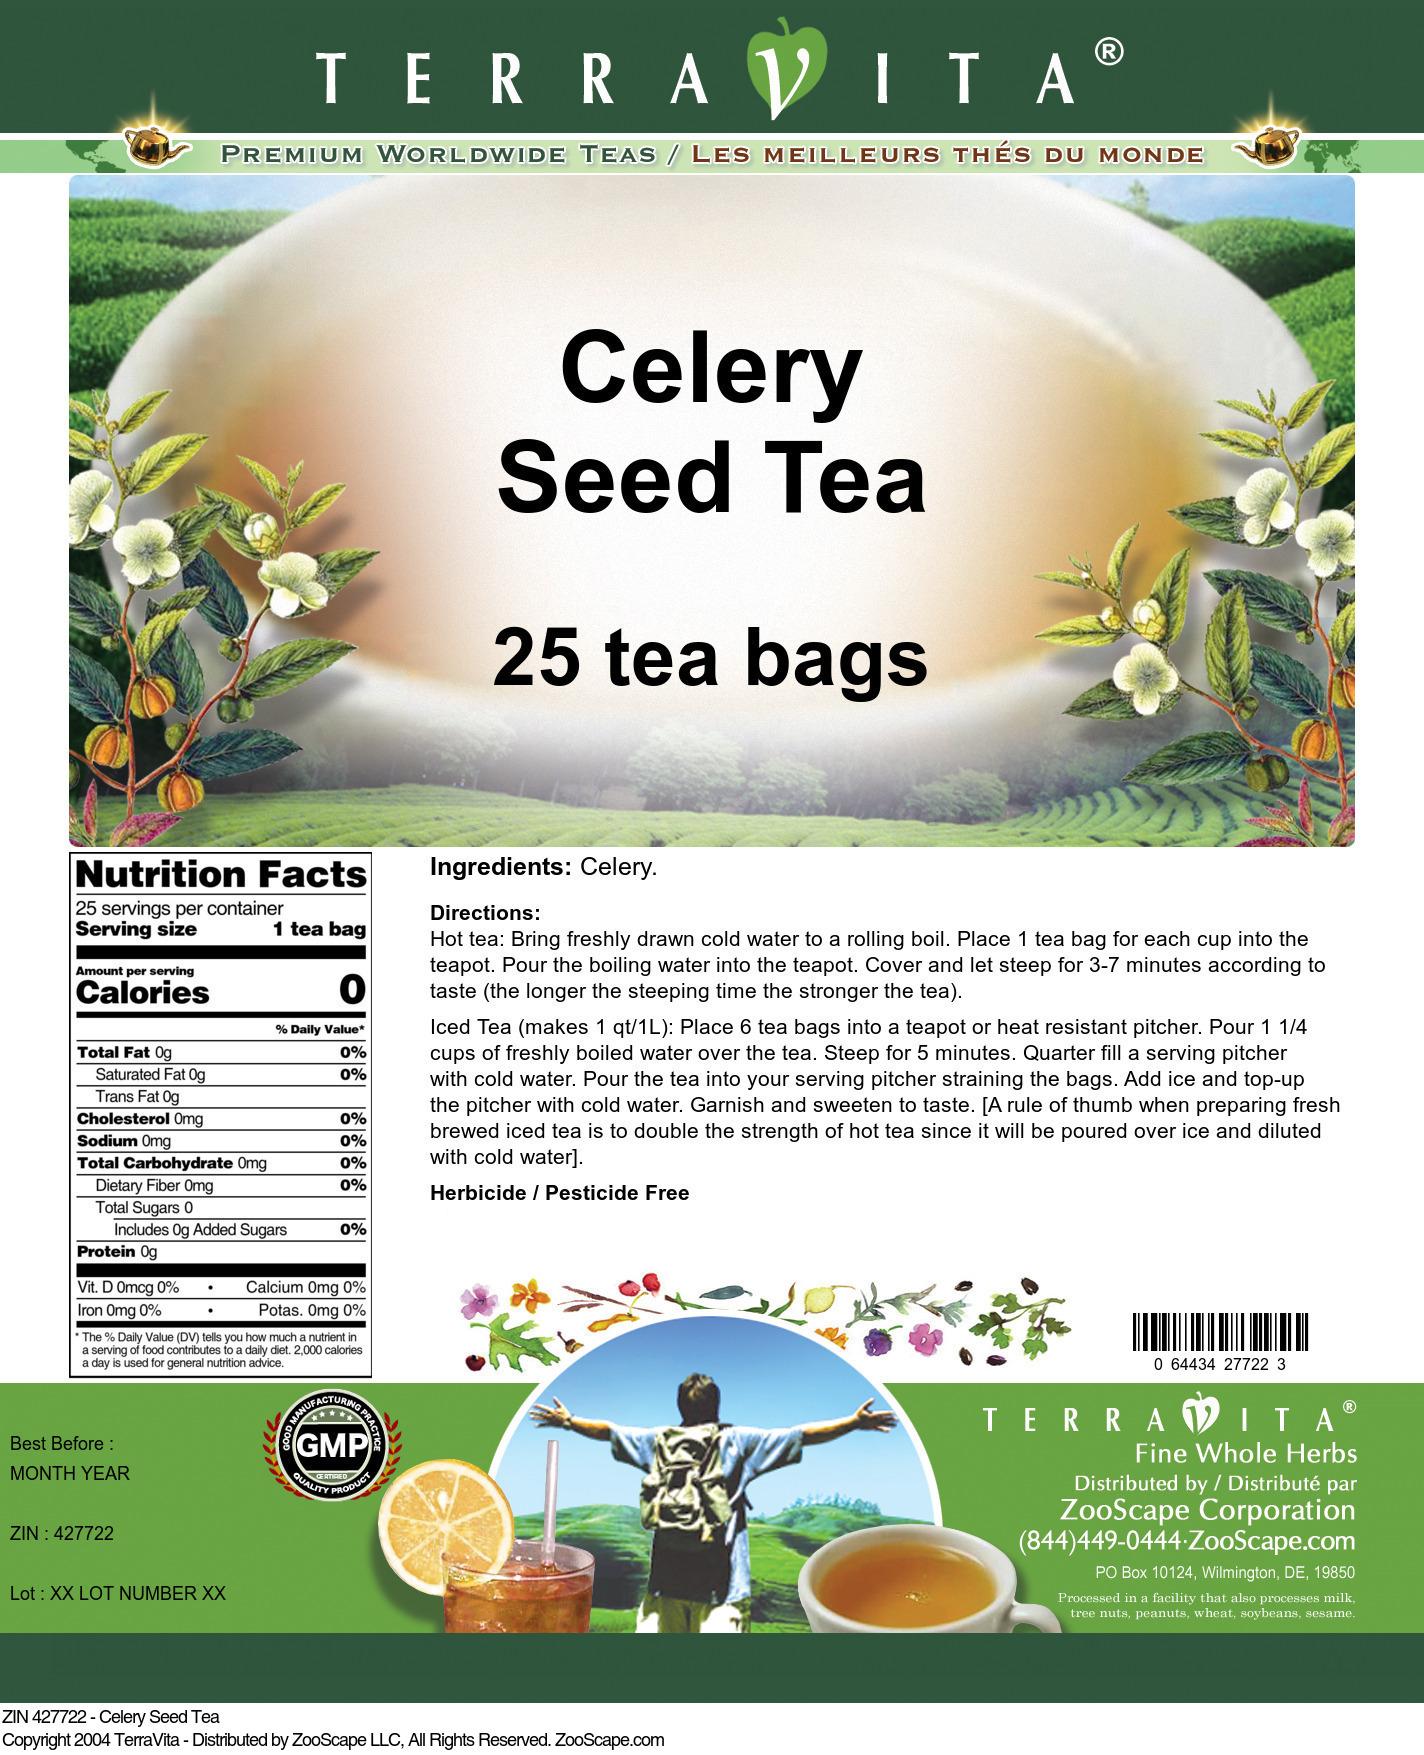 Celery Seed Tea